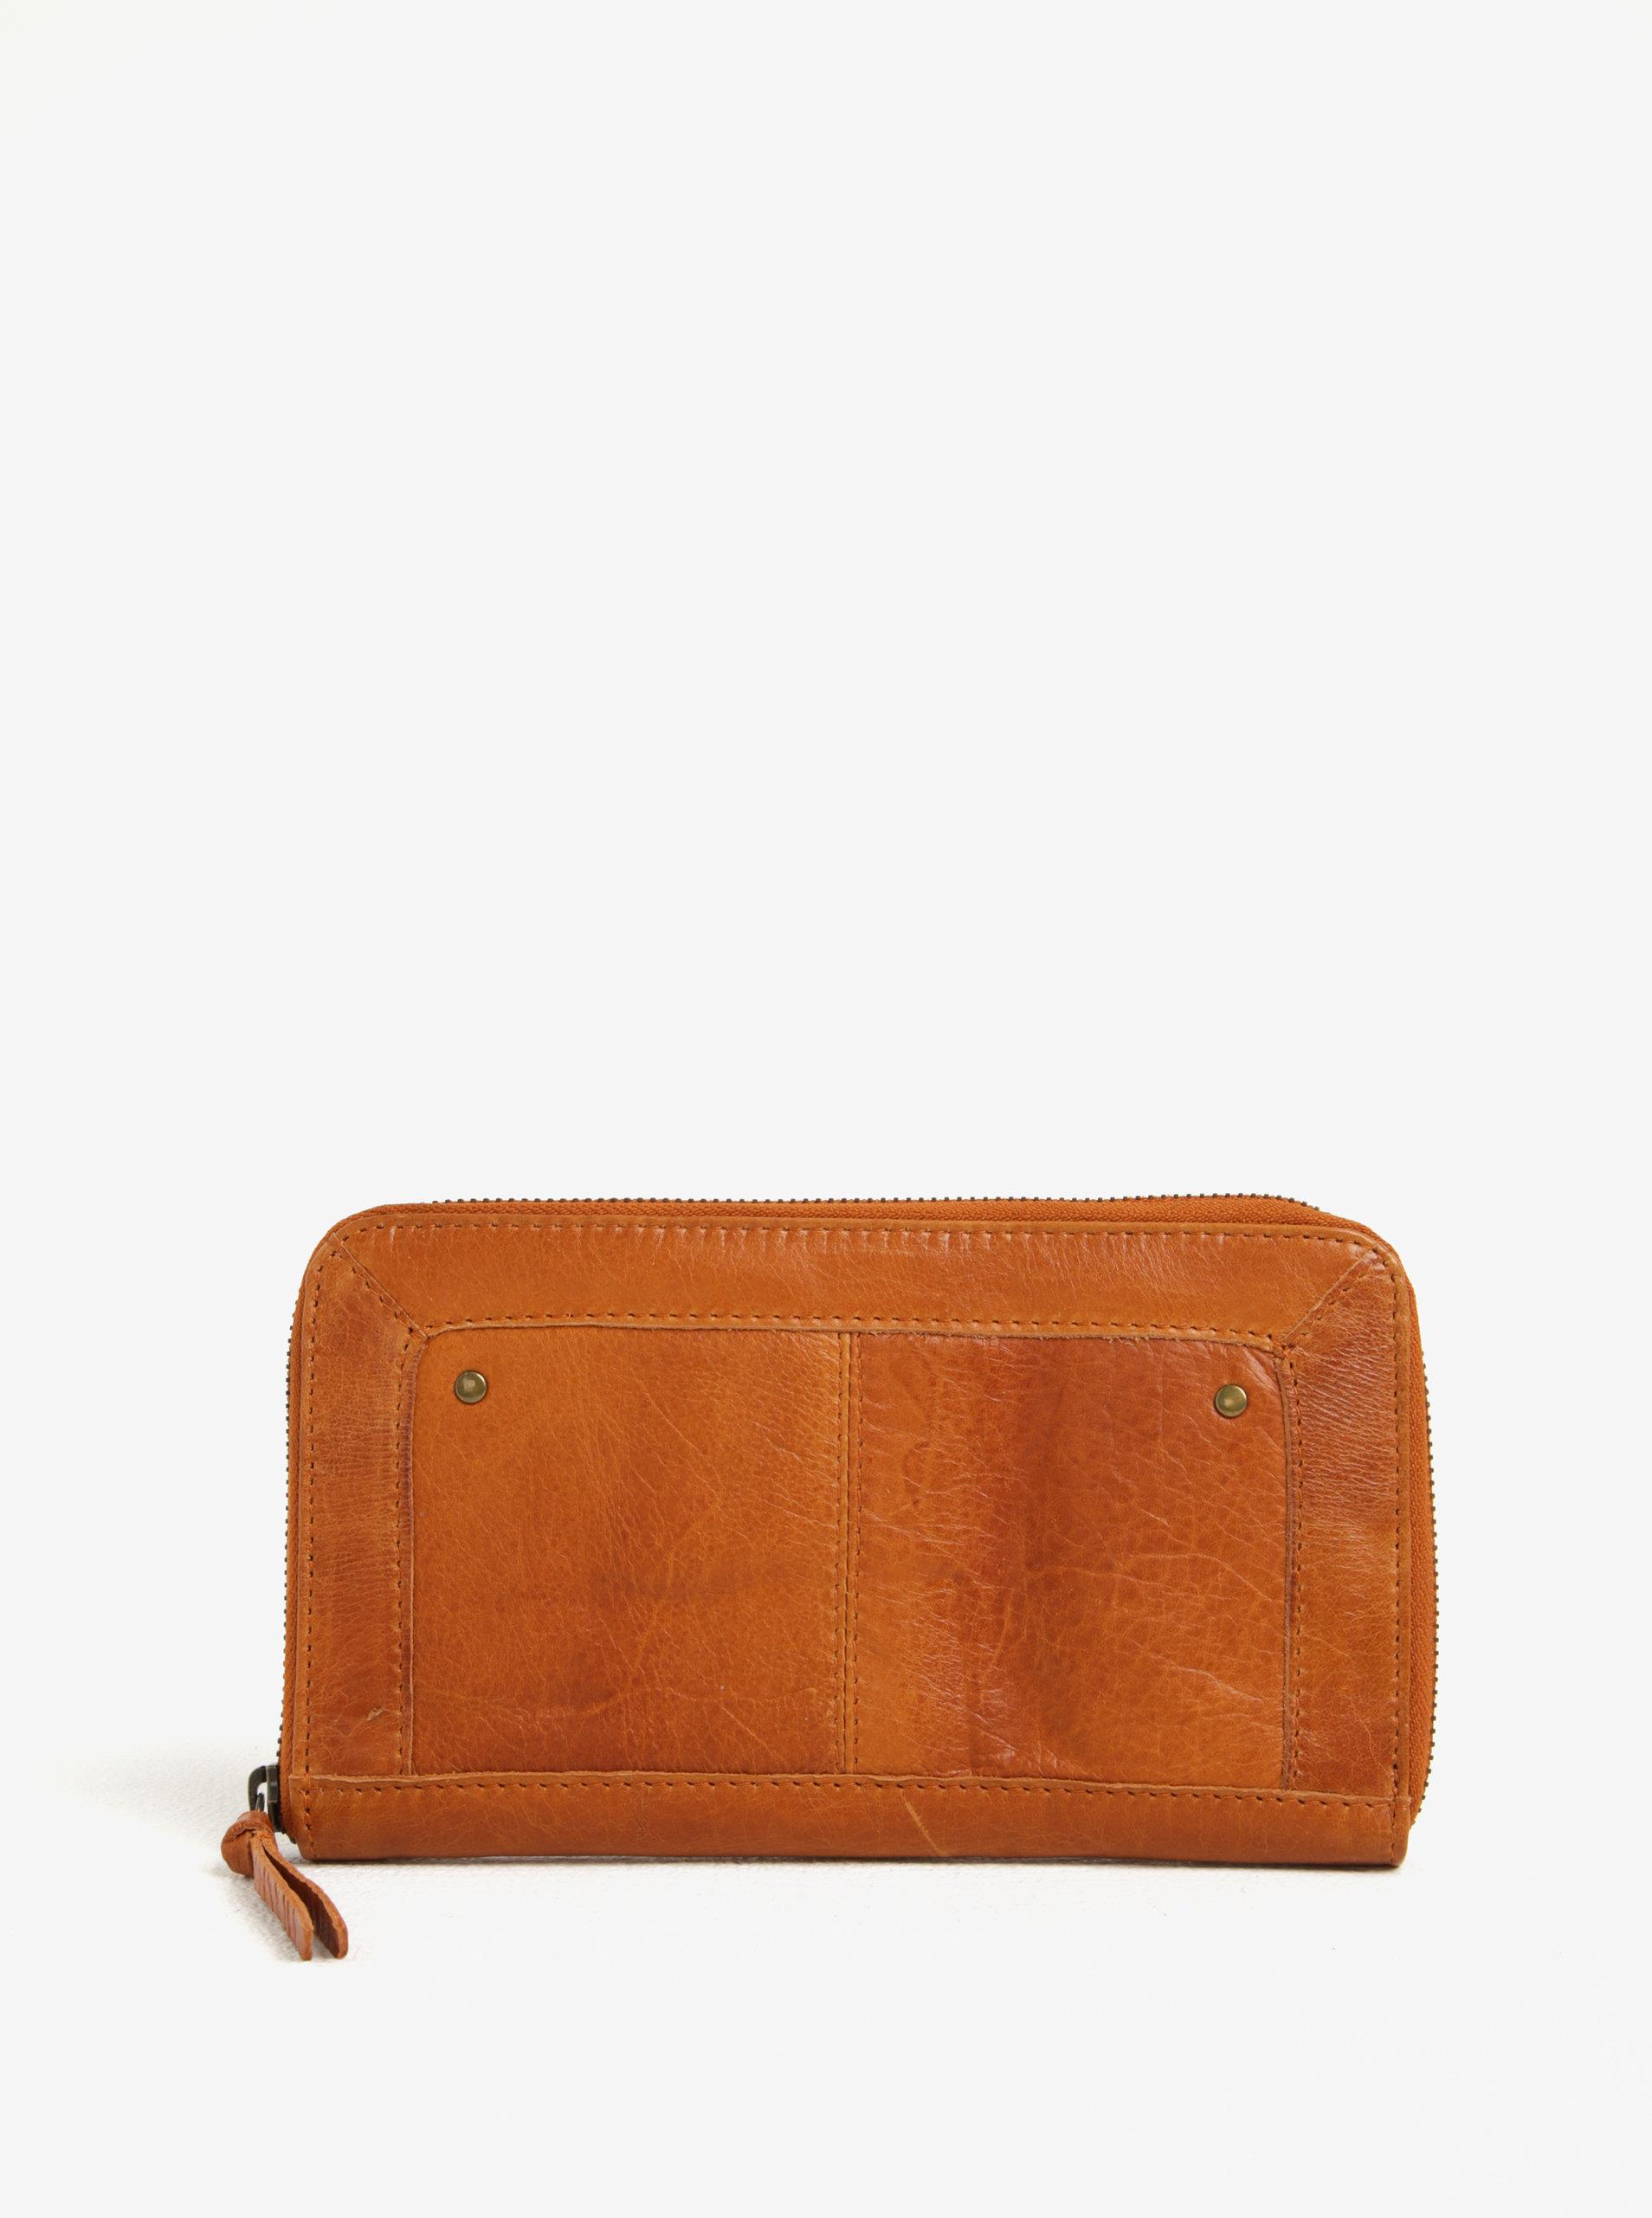 Hnedá dámska kožená peňaženka Pieces Vibs ... 67cc6854648